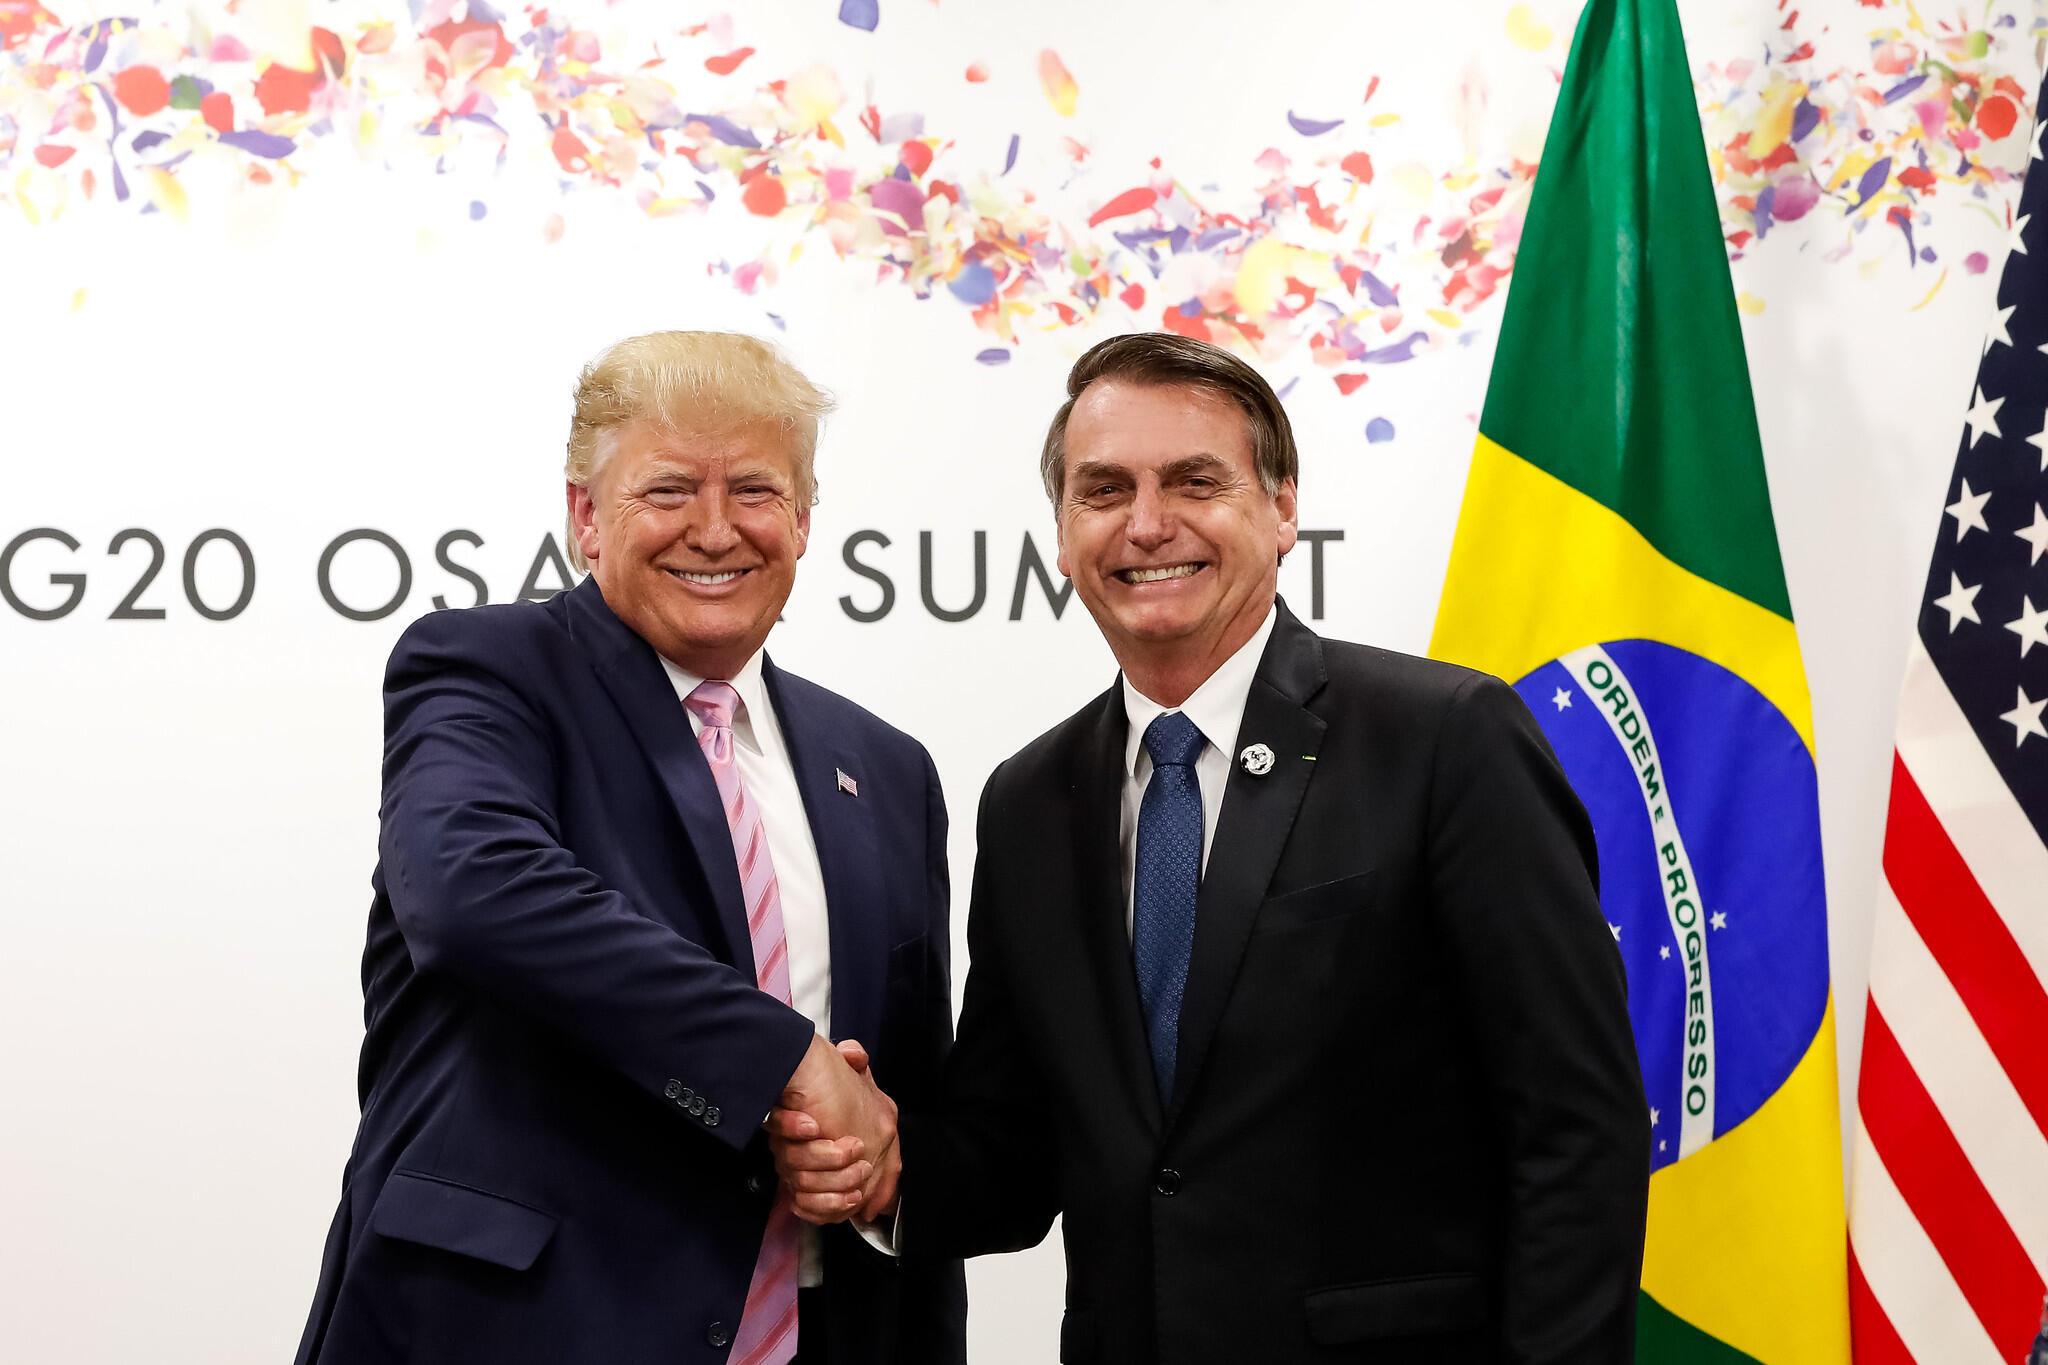 Presidente da República, Jair Bolsonaro, durante Reunião bilateral com o senhor Donald J. Trump, Presidente dos Estados Unidos da América. Osaka - Japão, 28/06/2019